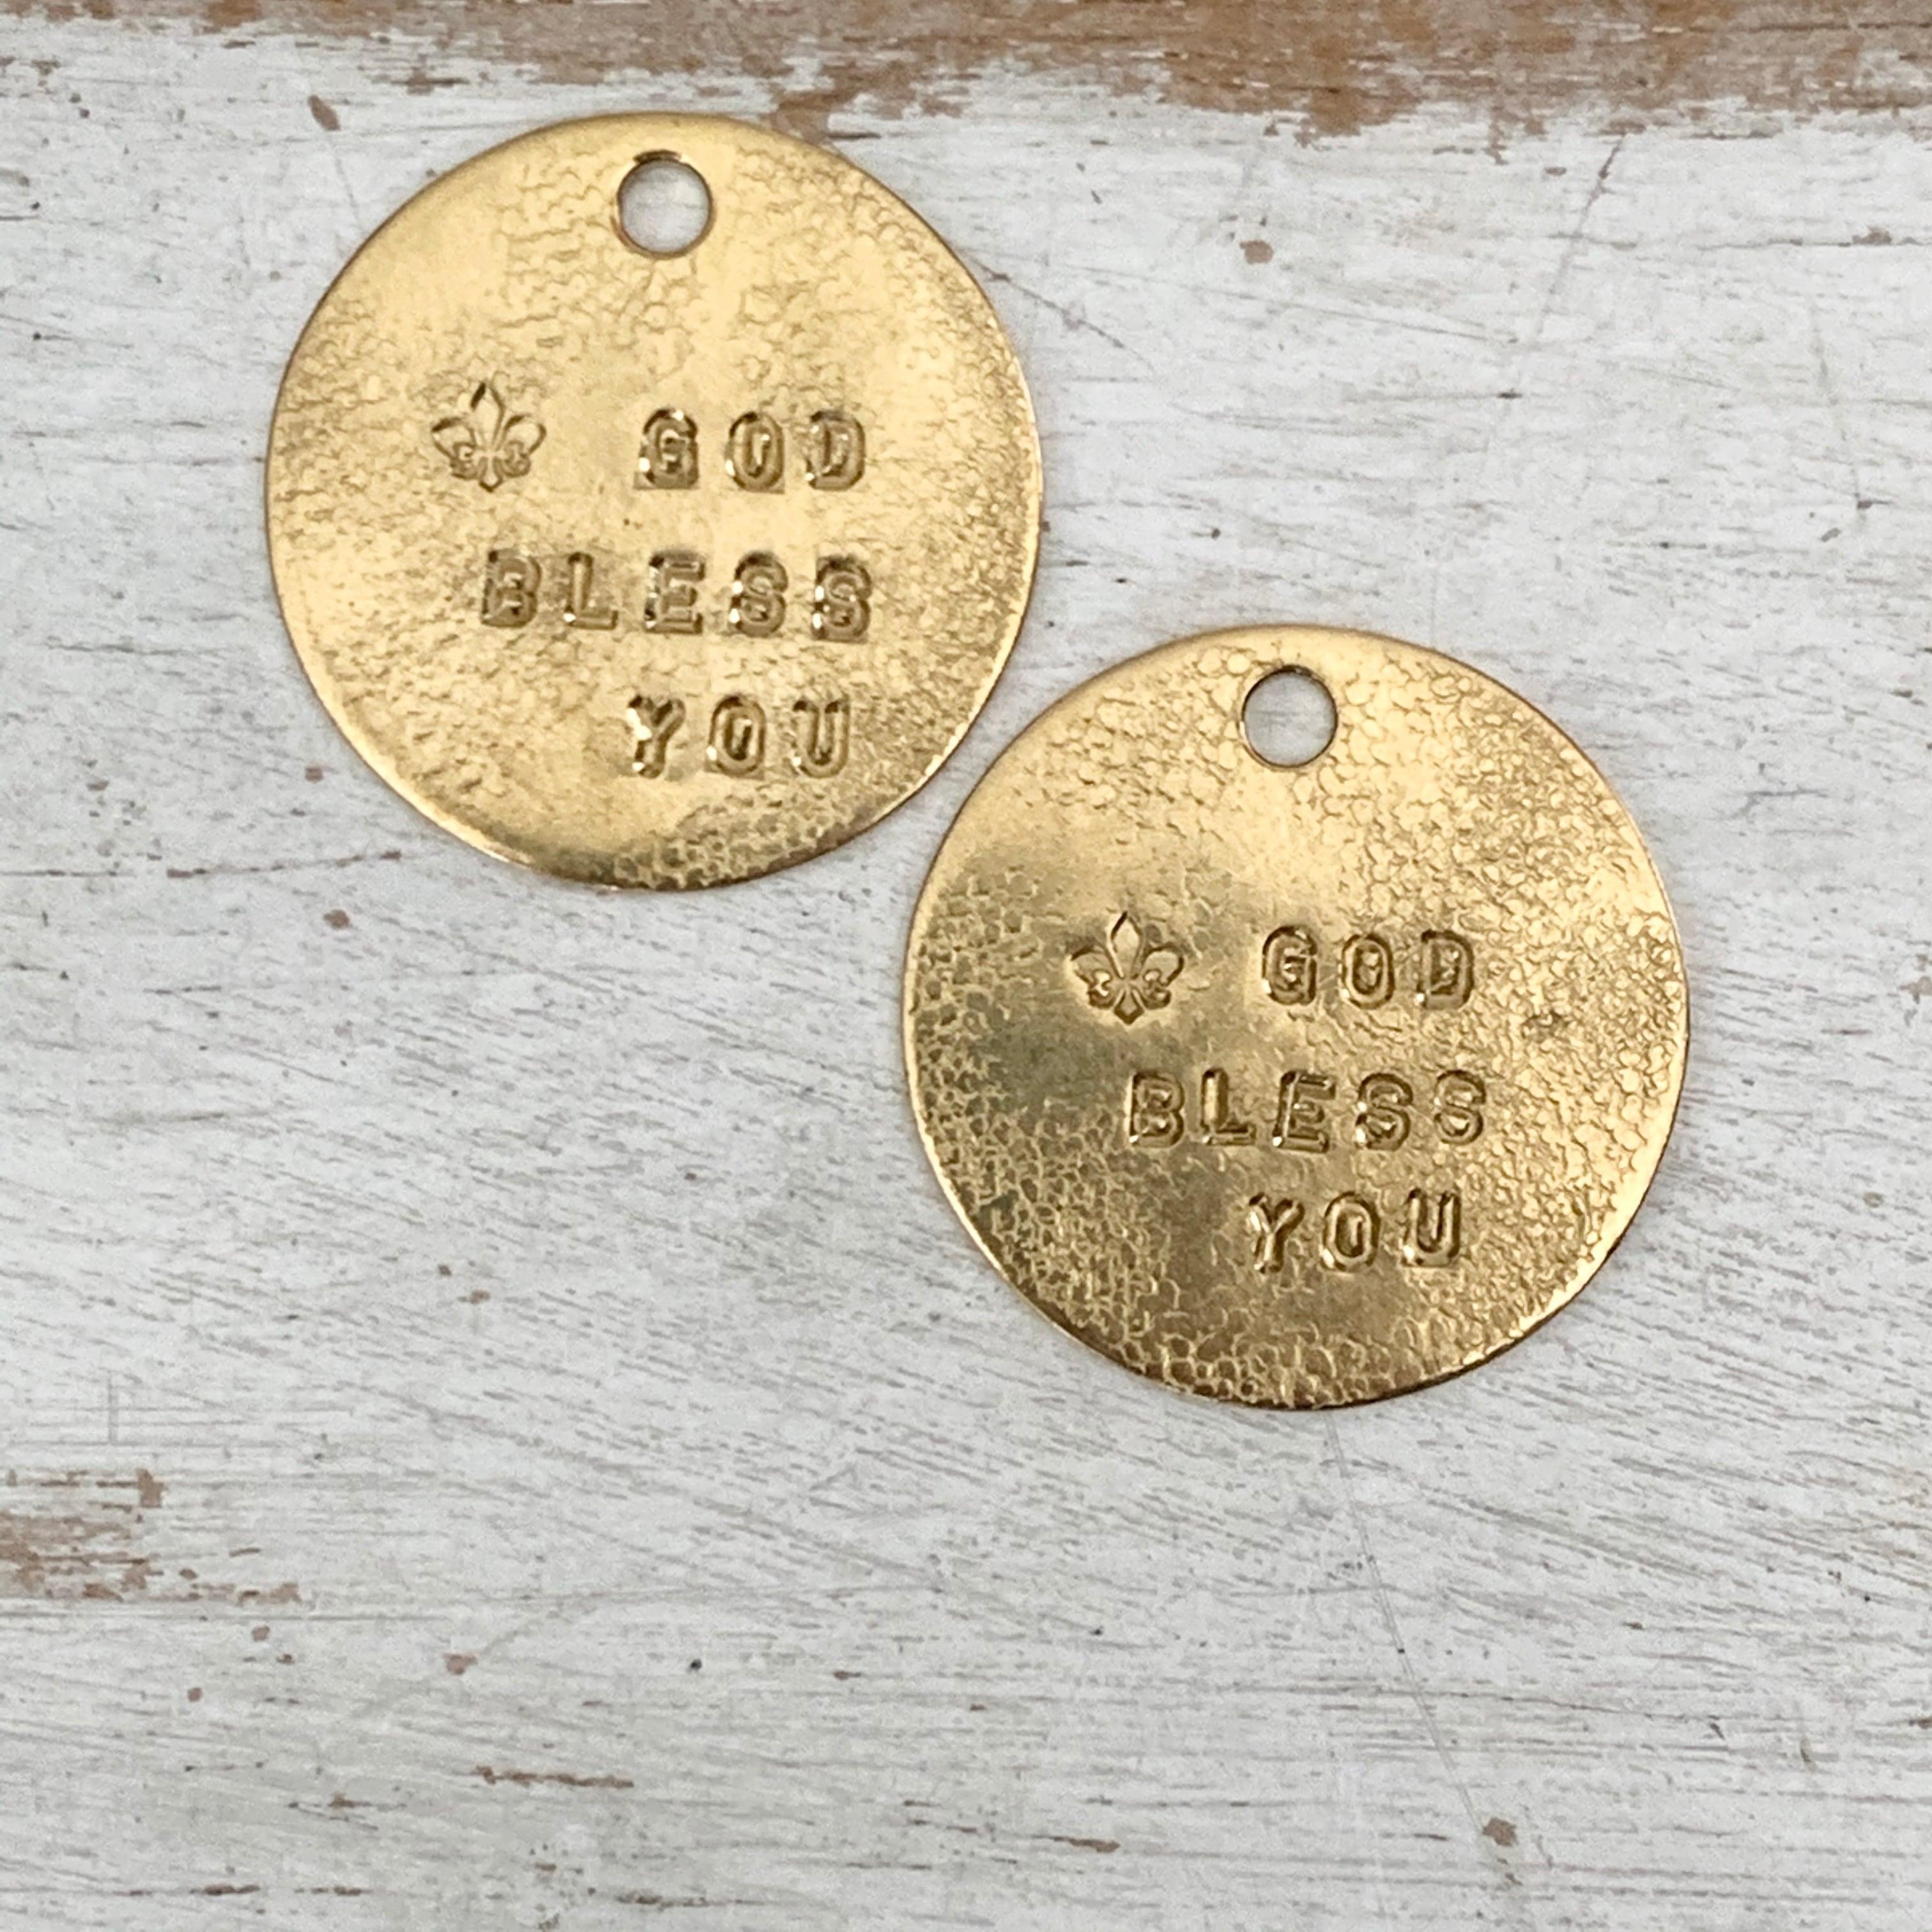 真鍮のペンダント・ラッキーチャーム(GOD BLESS YOU)(直径約27mm)【ネコポス発送可能】